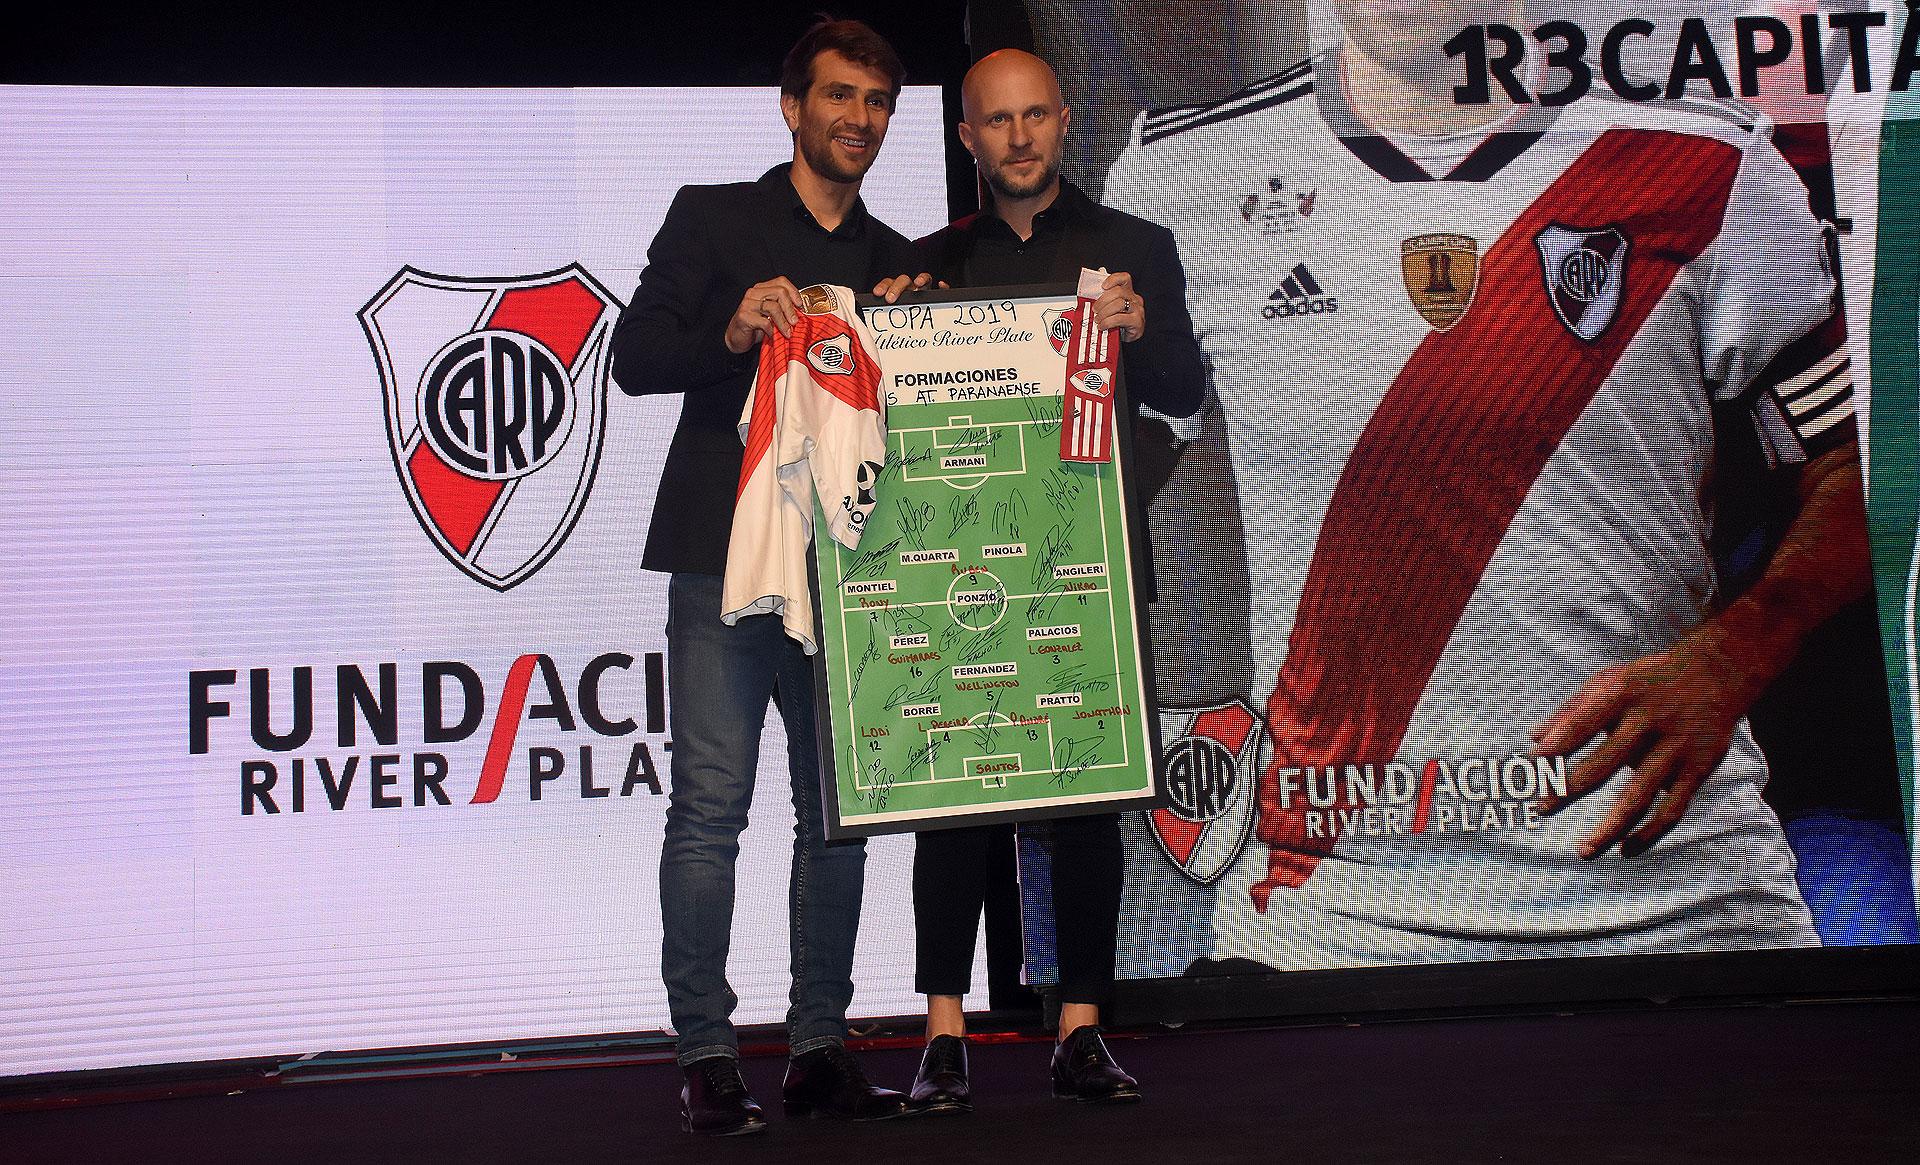 Leonardo Ponzio participó en una de las subastas de importantes objetos de River: el bosquejo de la charla técnica firmado por todos los jugadores, la camiseta y la cinta de capitán